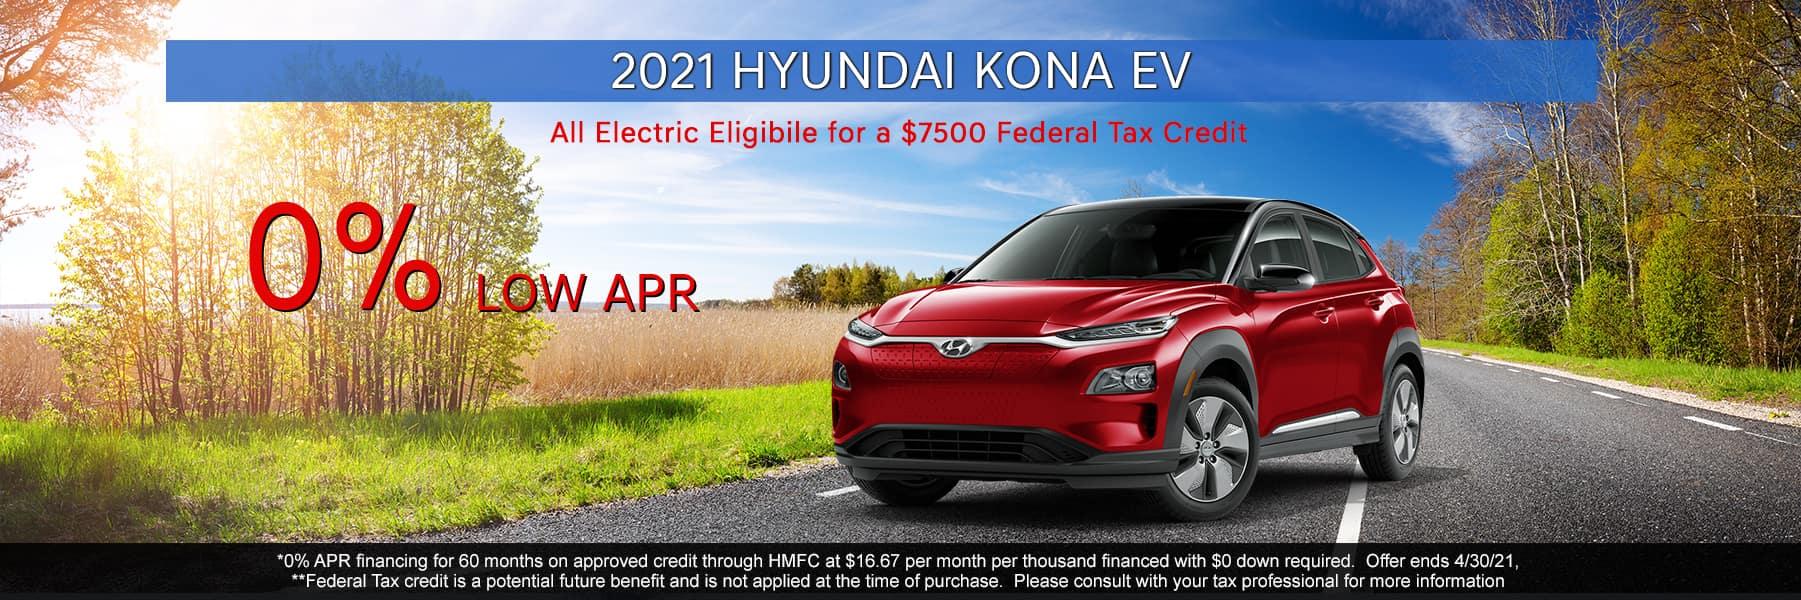 2021-Hyundai-Kona-EV-Apr2021